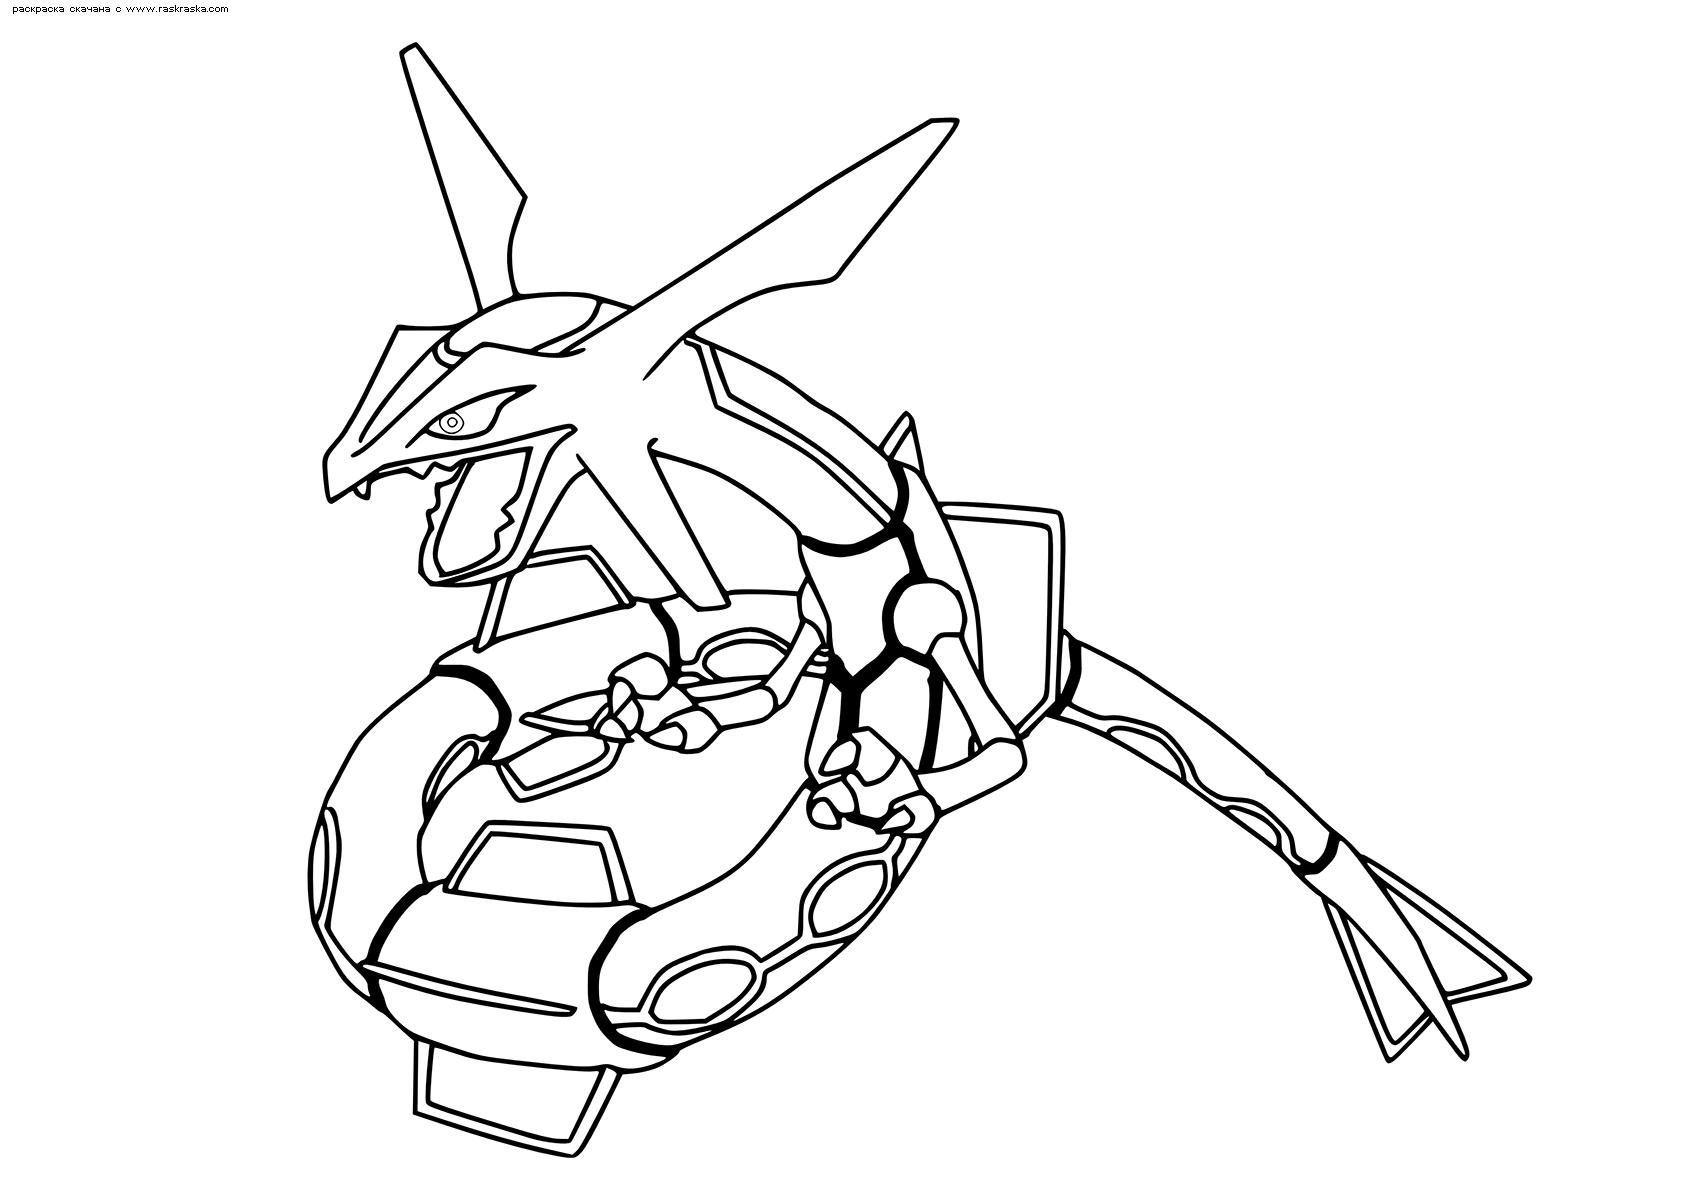 Раскраска Легендарный покемон Райкваза (Rayquaza). Раскраска Покемон